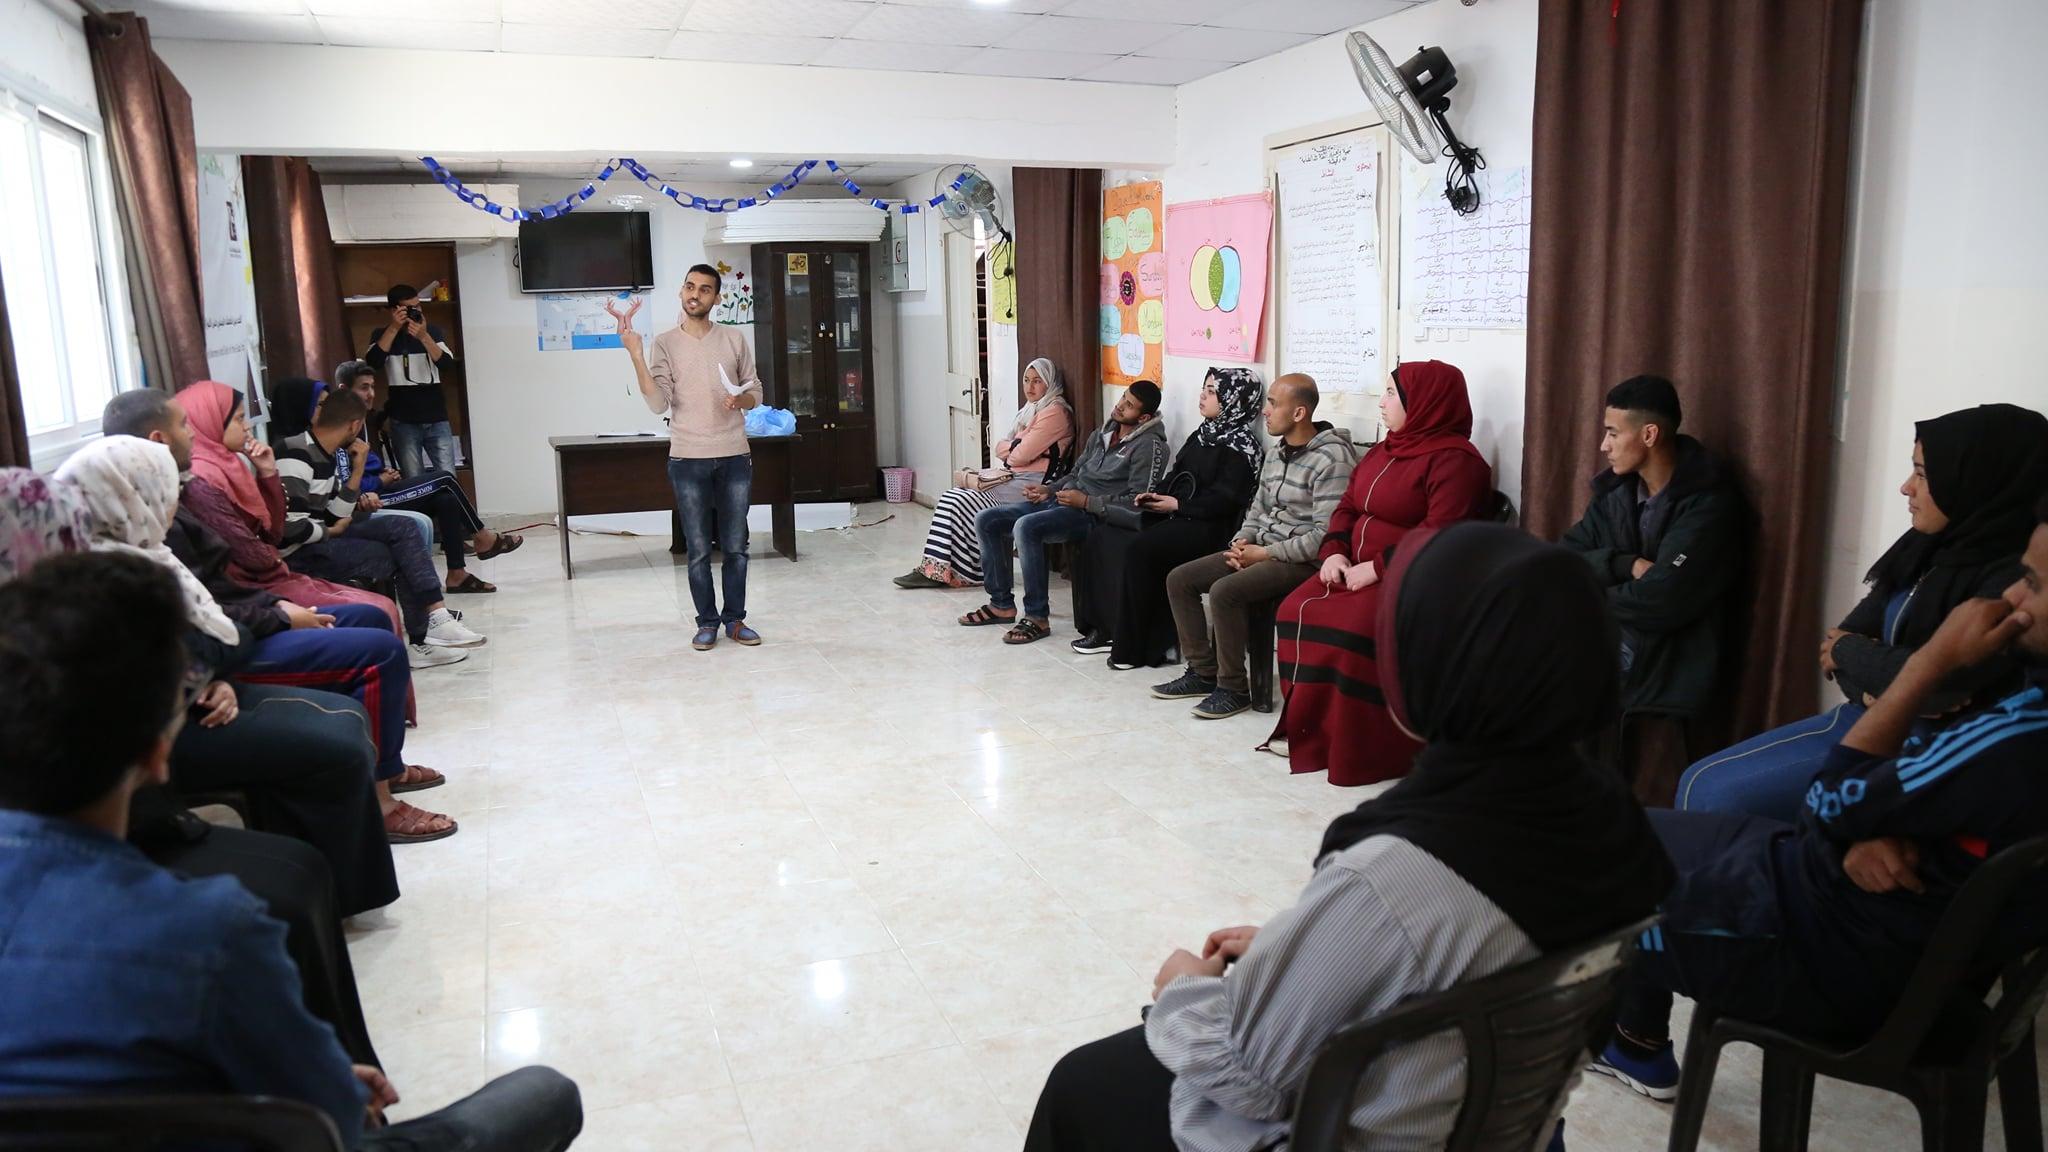 مركز شؤون المرأة يختتم جلسات توعوية للمقبلين|ات على الزواج